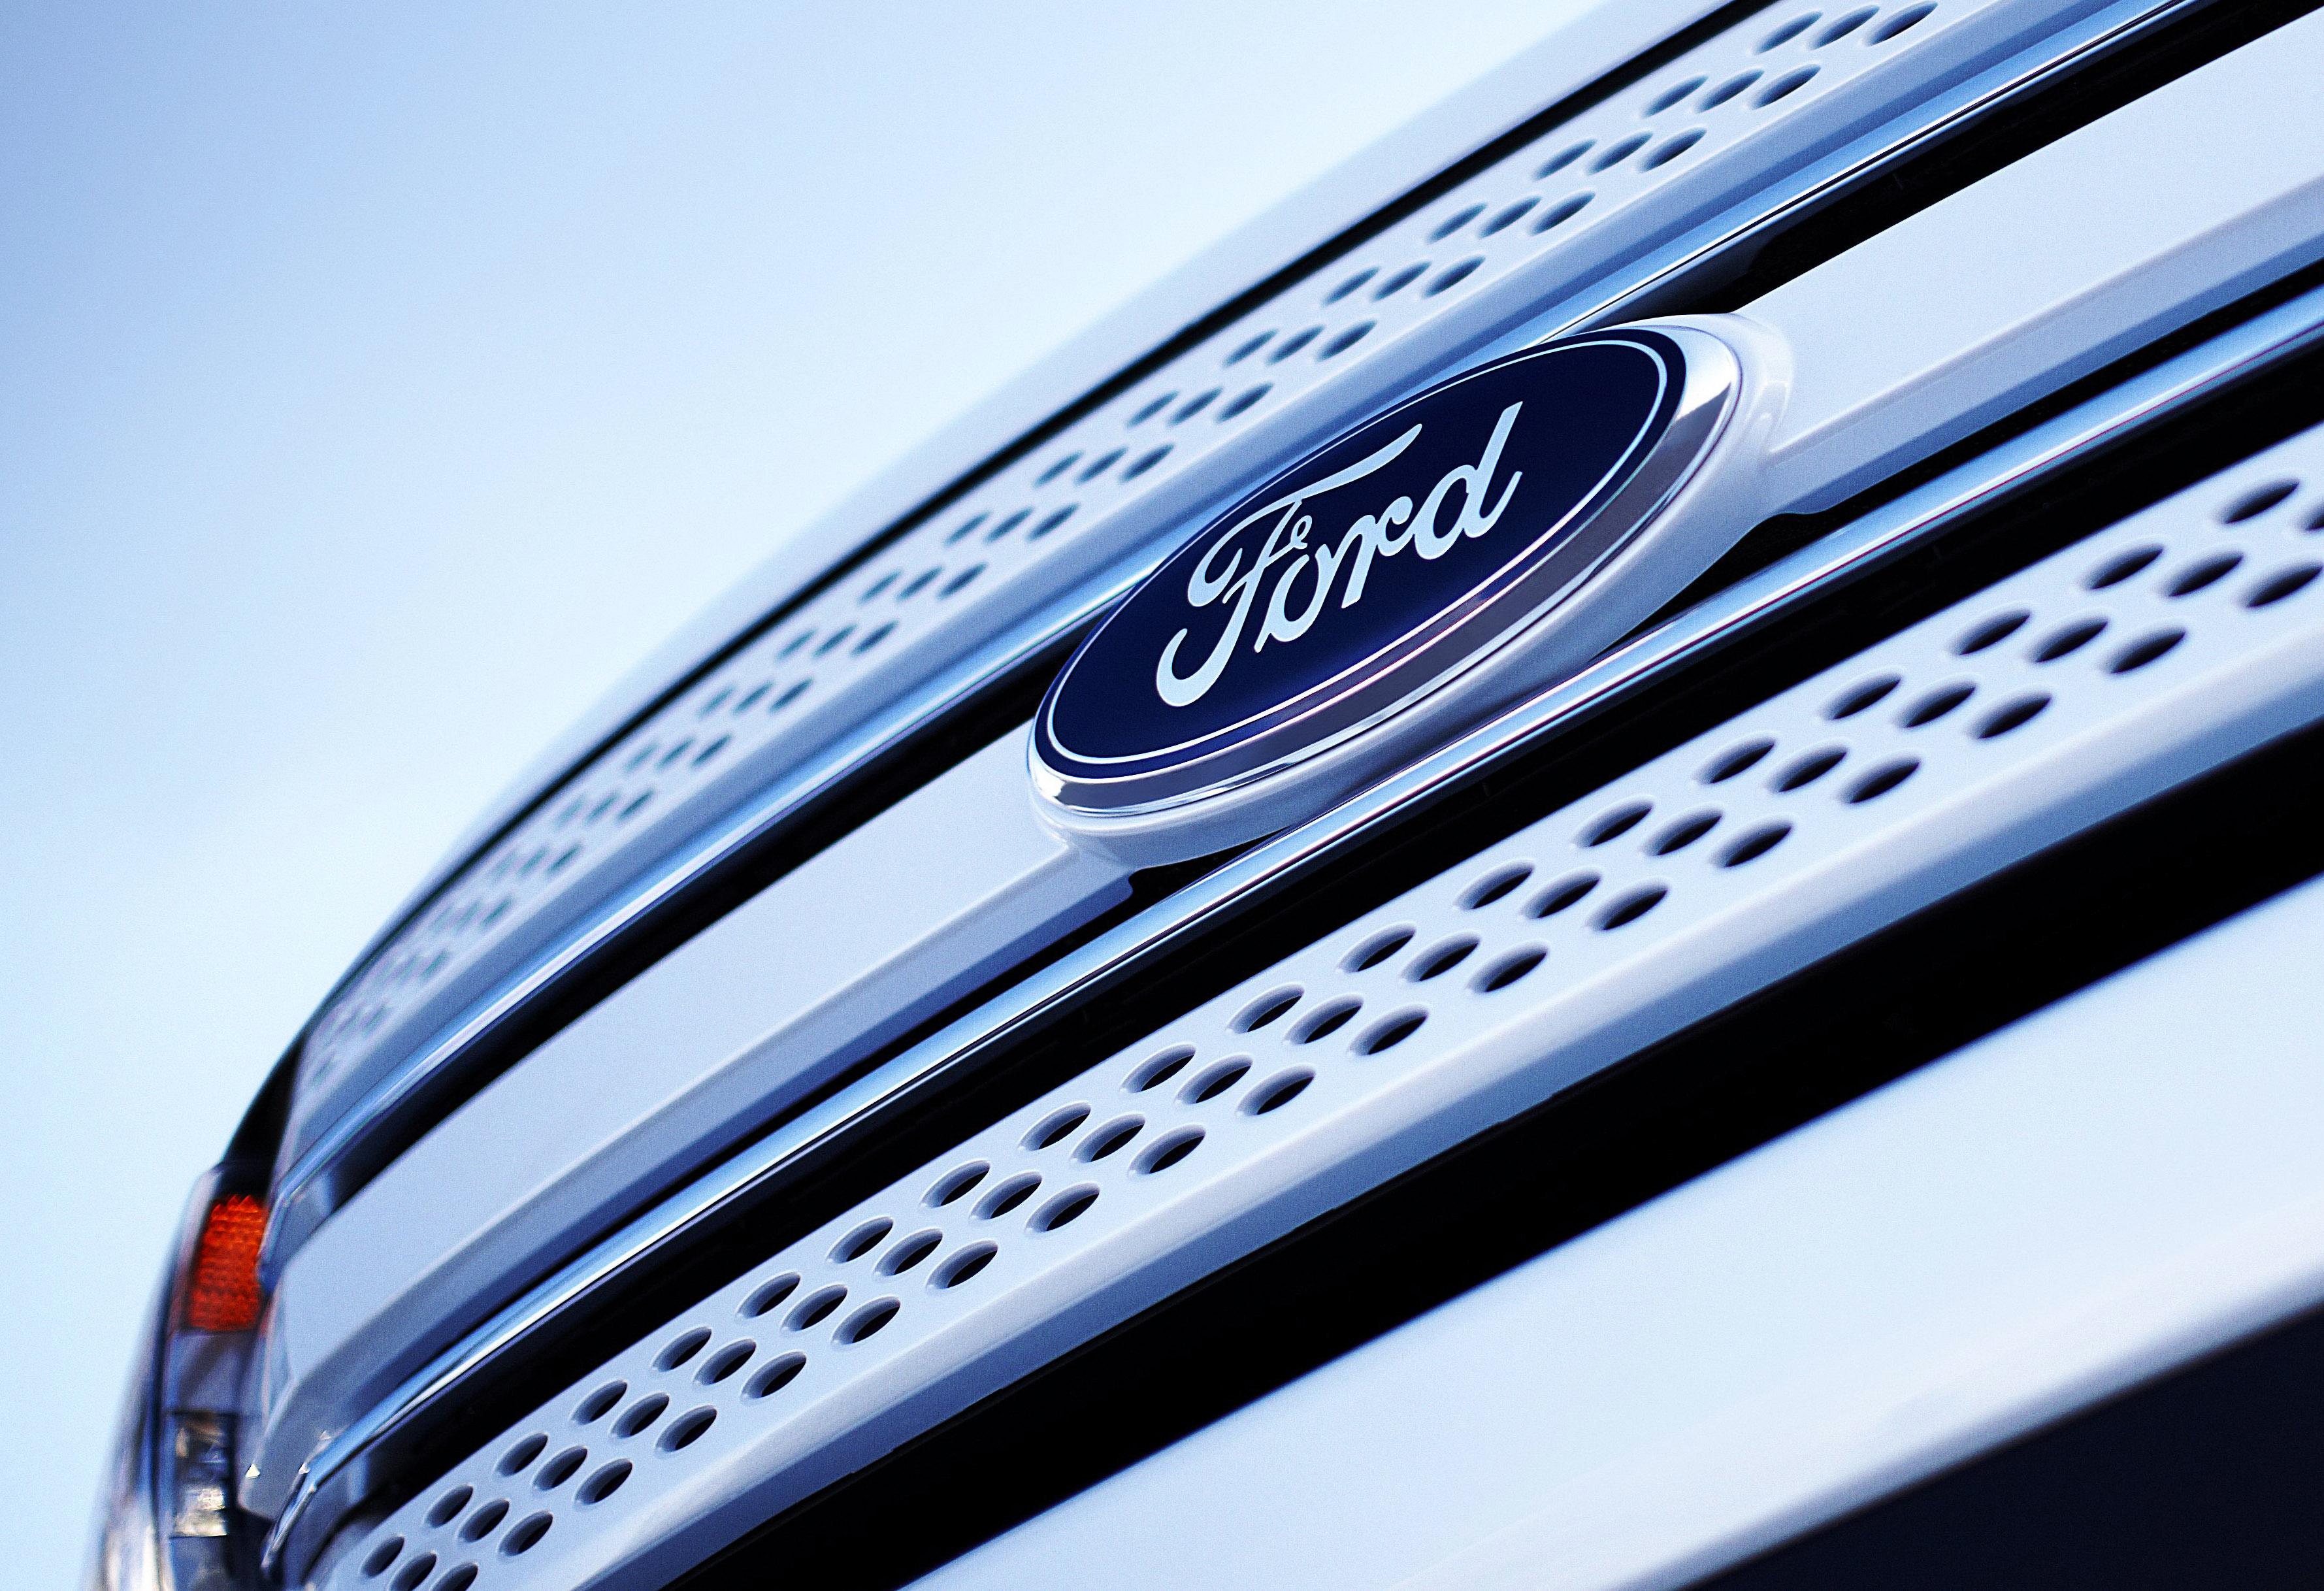 Форд выпустит небольшой пикап снесущим корпусом